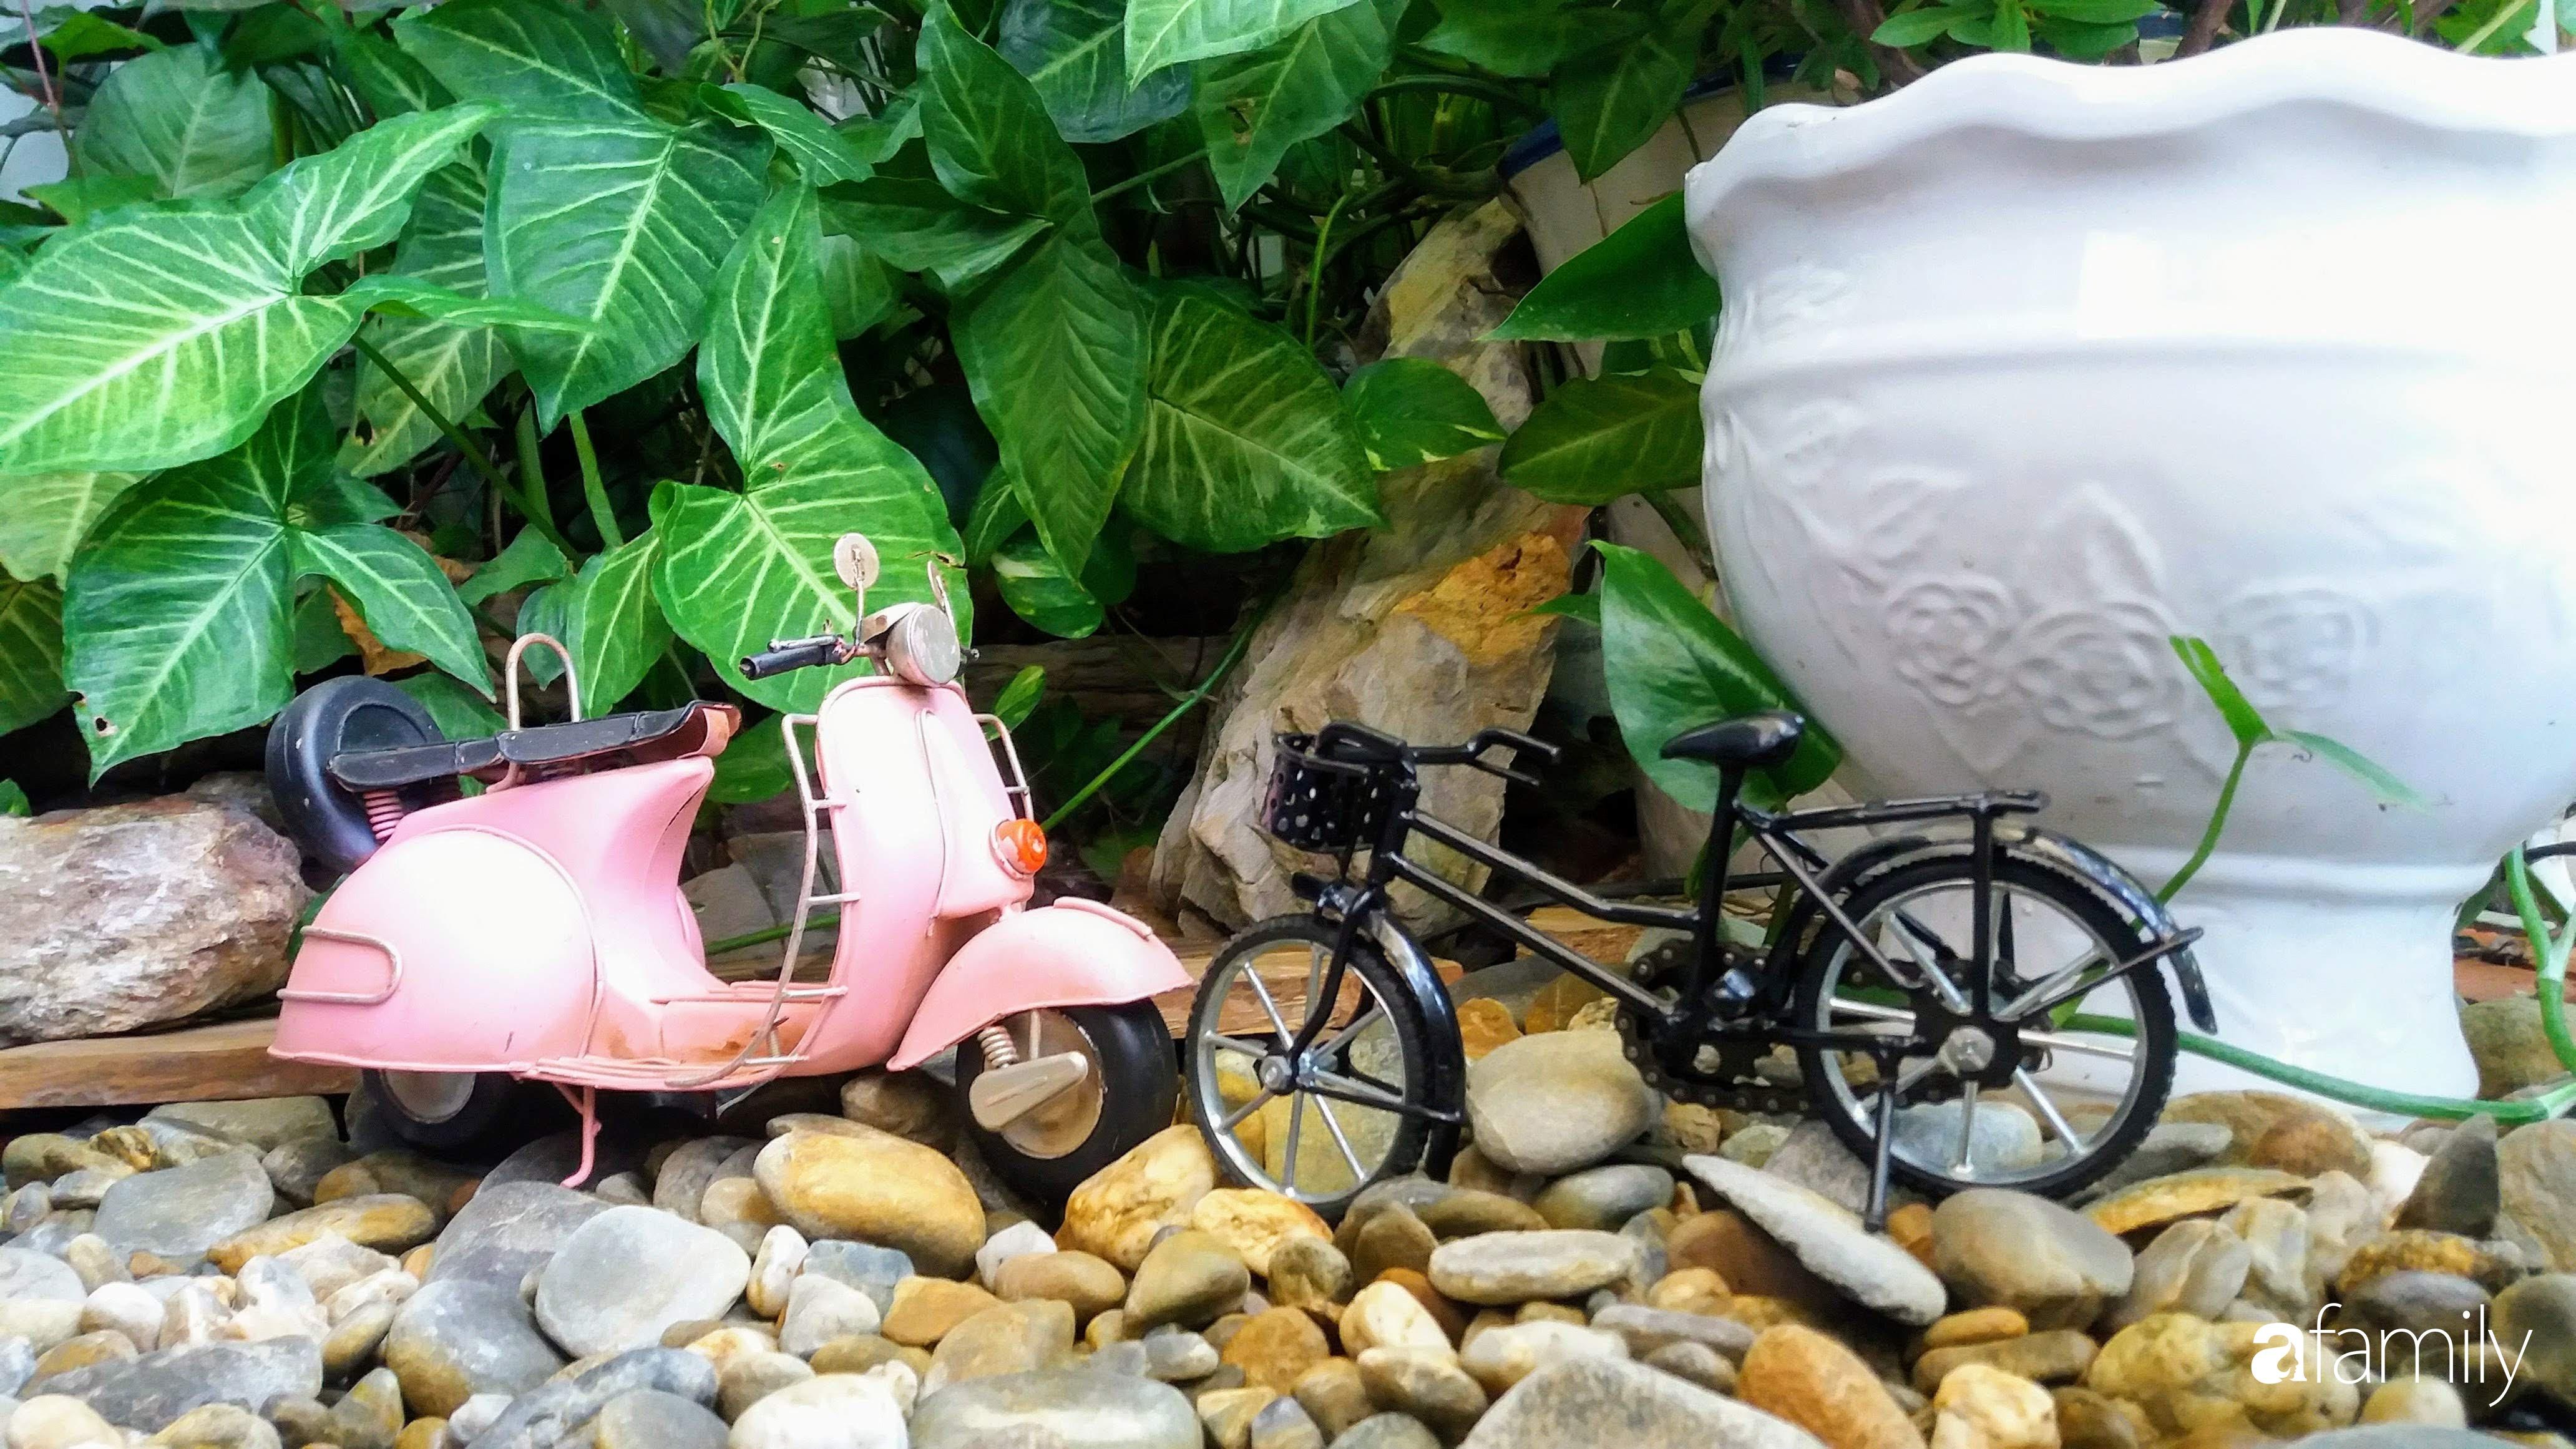 Ở nhà nghỉ dịch, chàng trai xứ Huế thảnh thơi bên ban công tự thiết kế với tiểu cảnh có hoa có cá phong cách nhiệt đới - Ảnh 12.